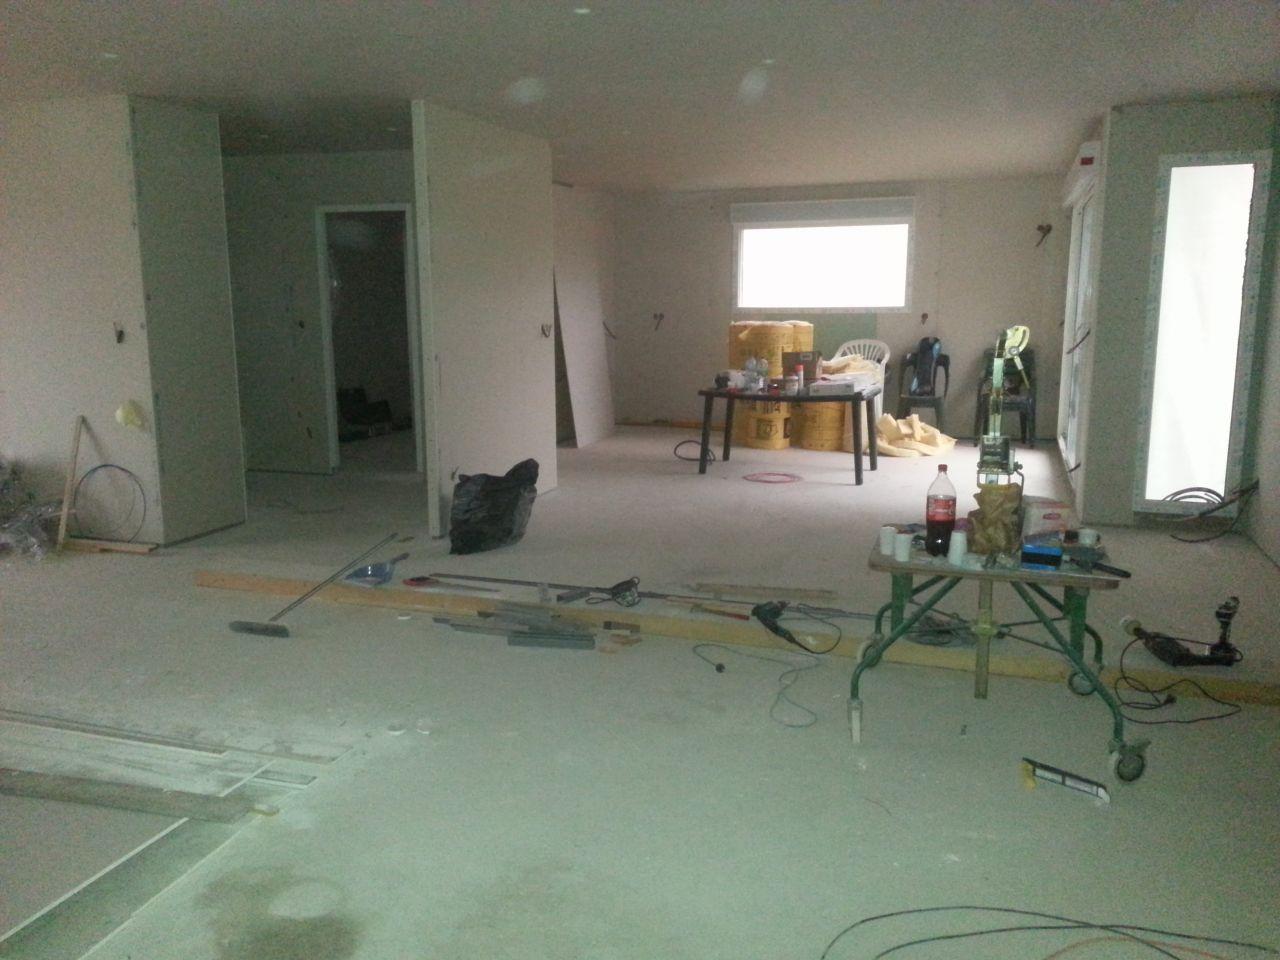 vue de la salle à magner avec la cuisine au second plan